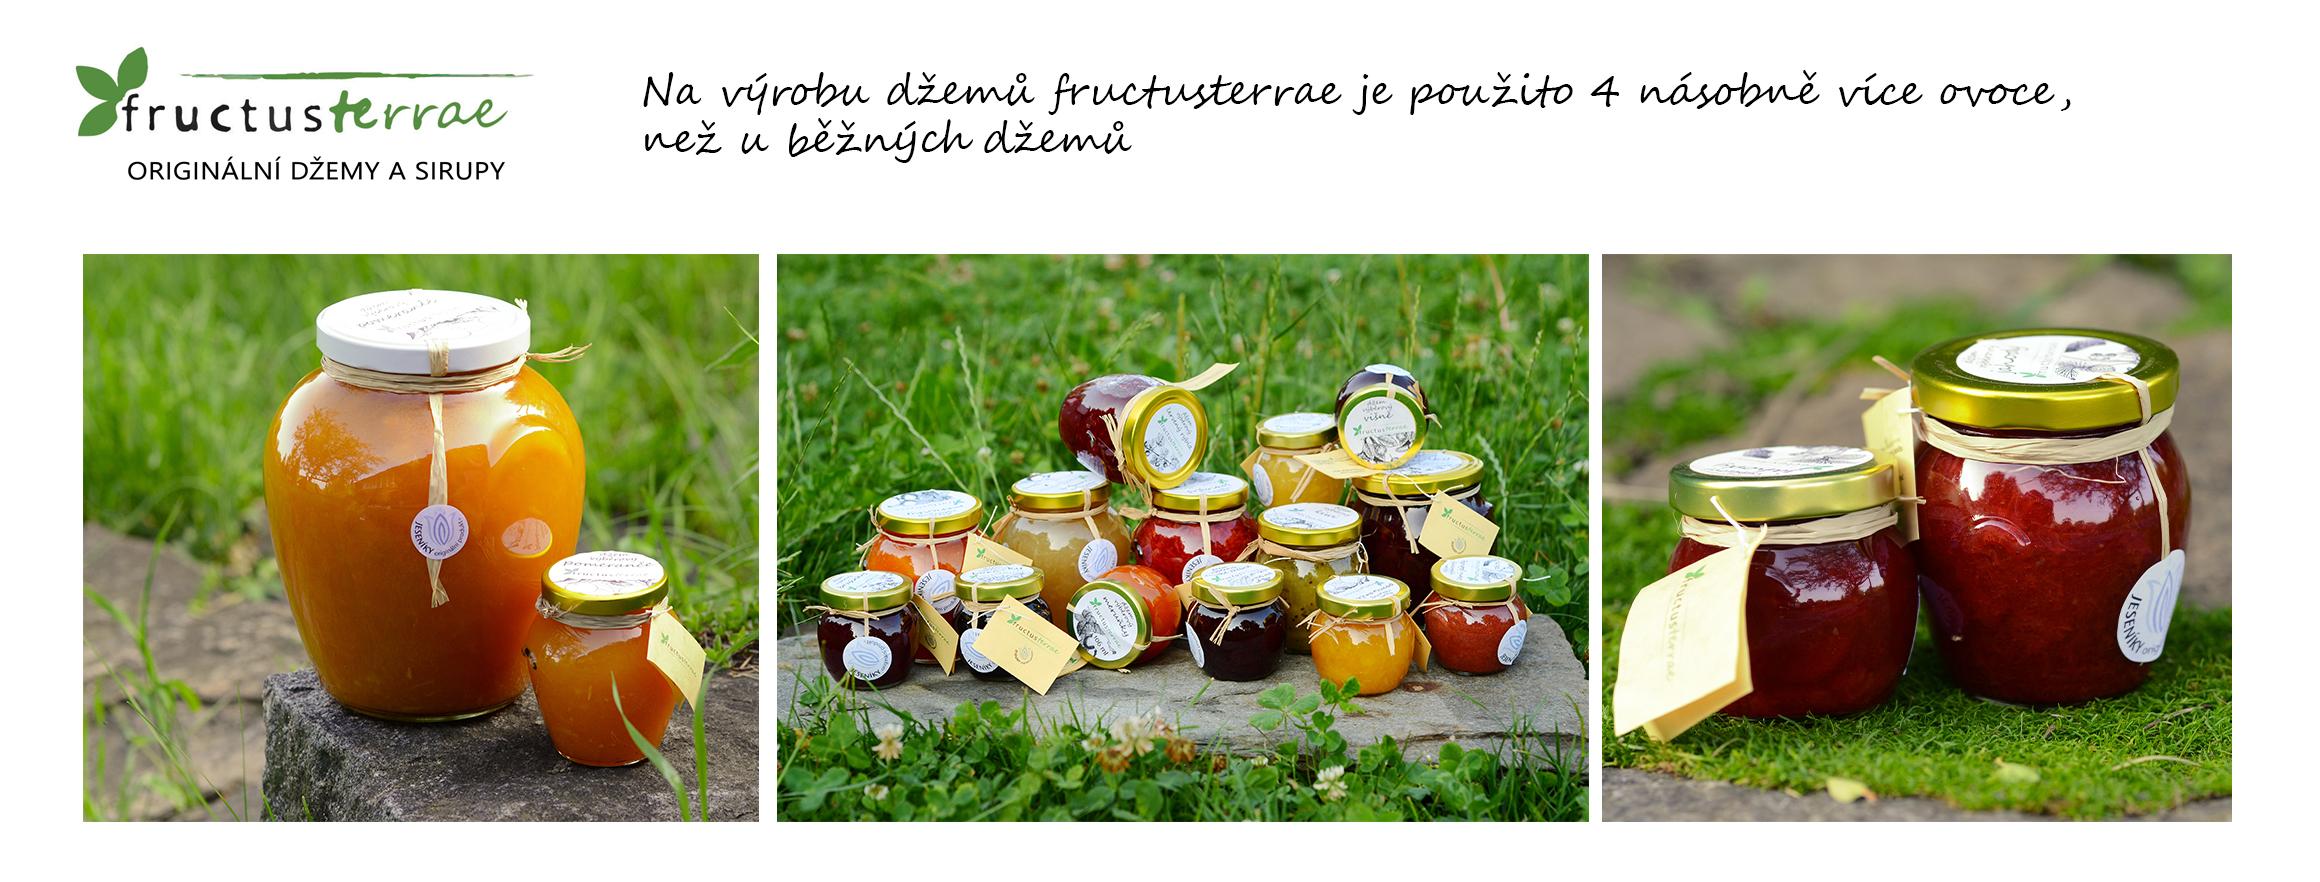 Na výrobu džemů fructusterraje je použito 4 násobně více ovoce, než u běžných džemů